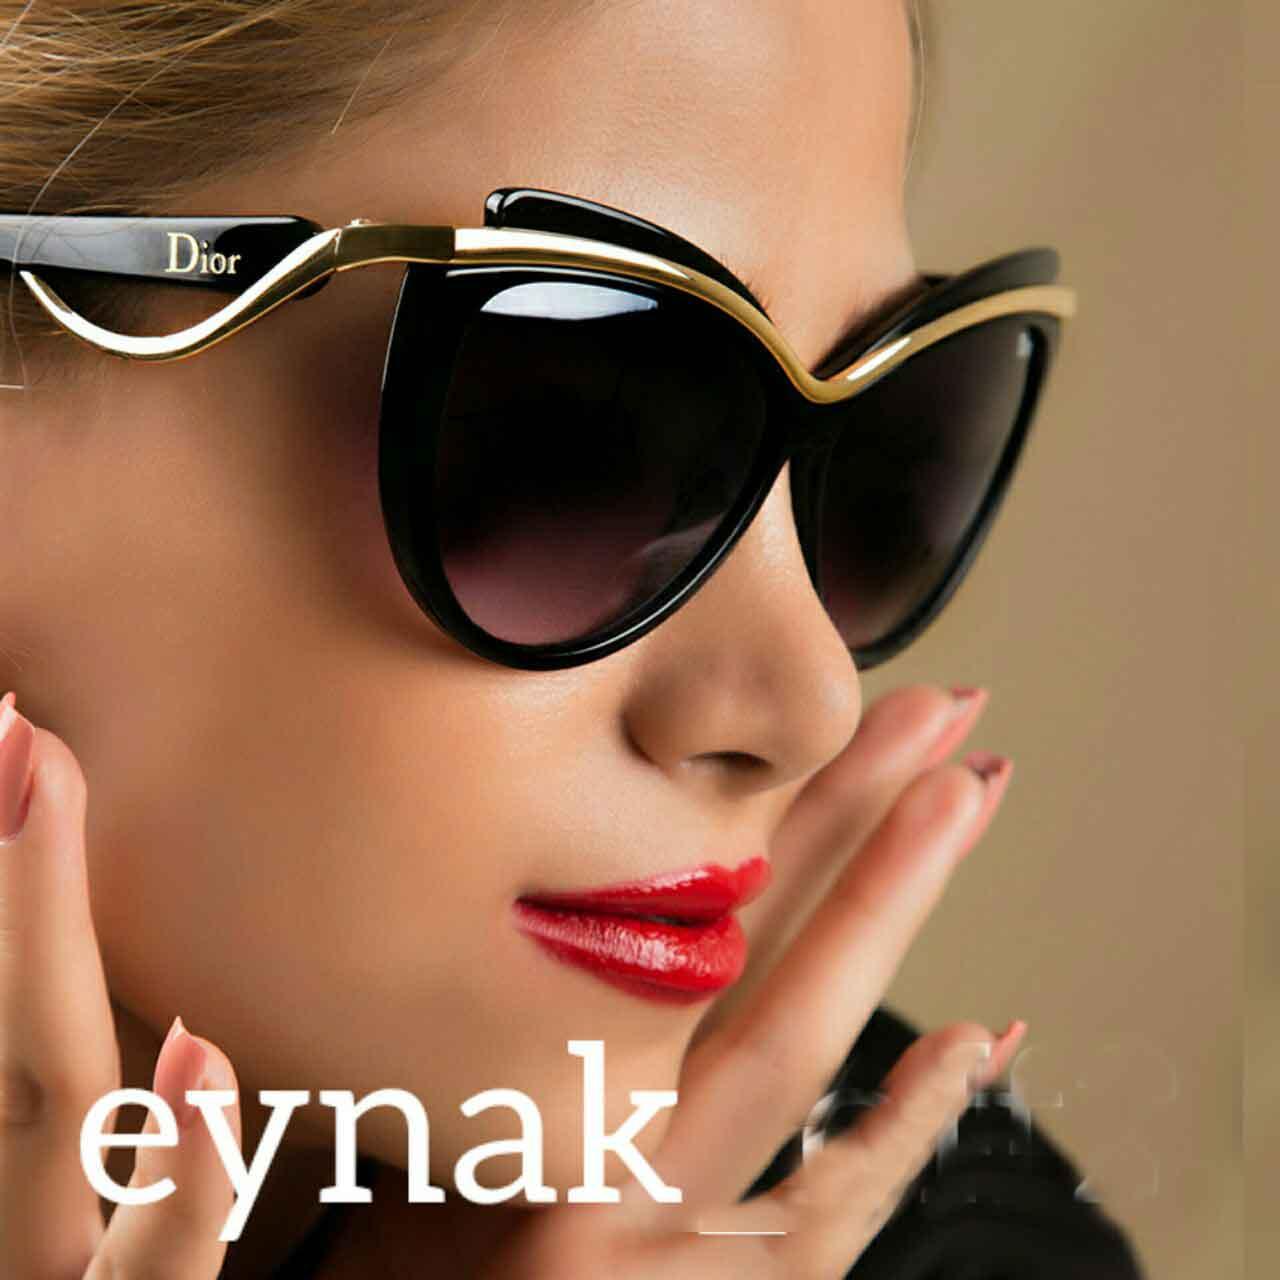 عینک دودی مارک دیور ارکید